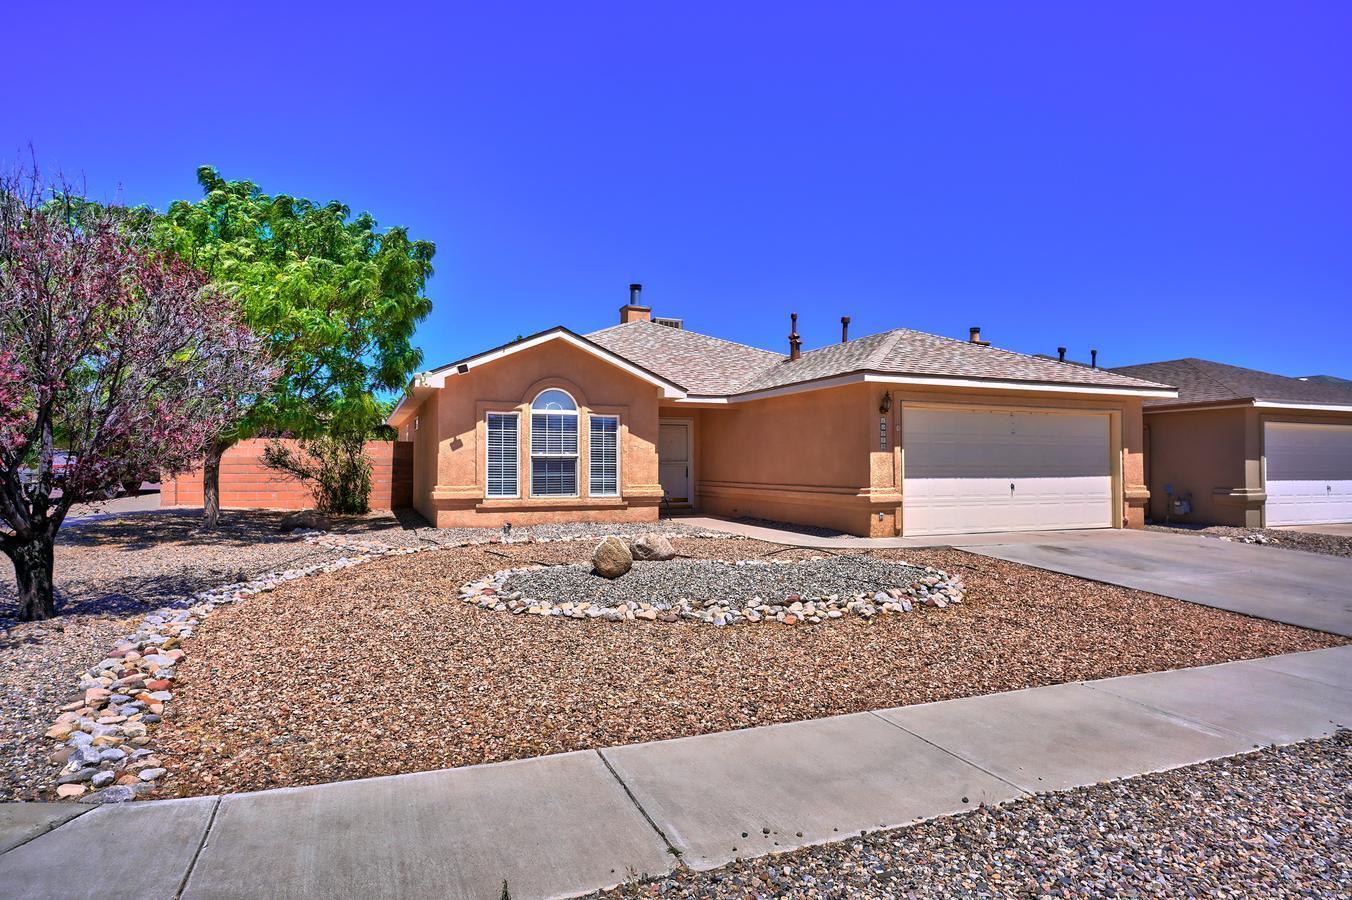 10242 COUNTRY MEADOWS Drive, Albuquerque NM 87114